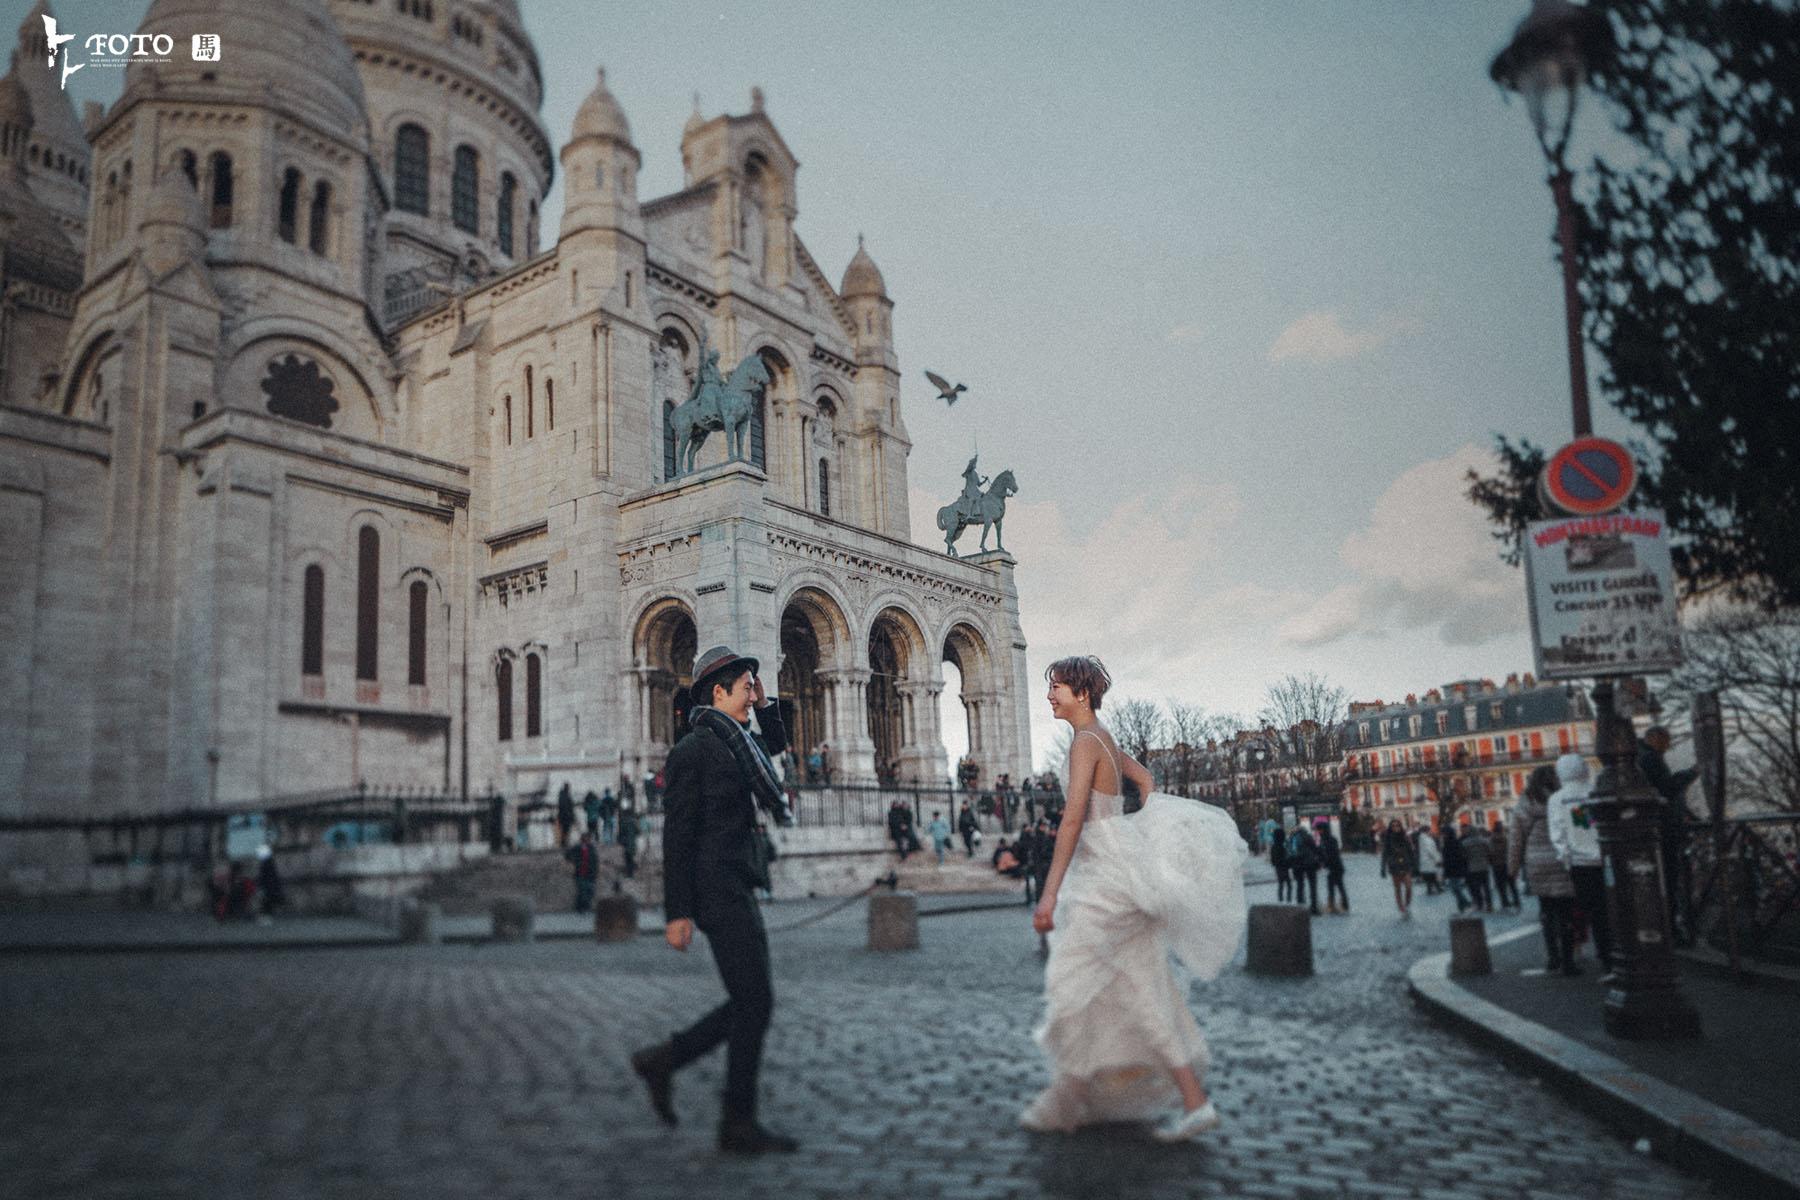 世界很大,幸好有你 | 巴黎